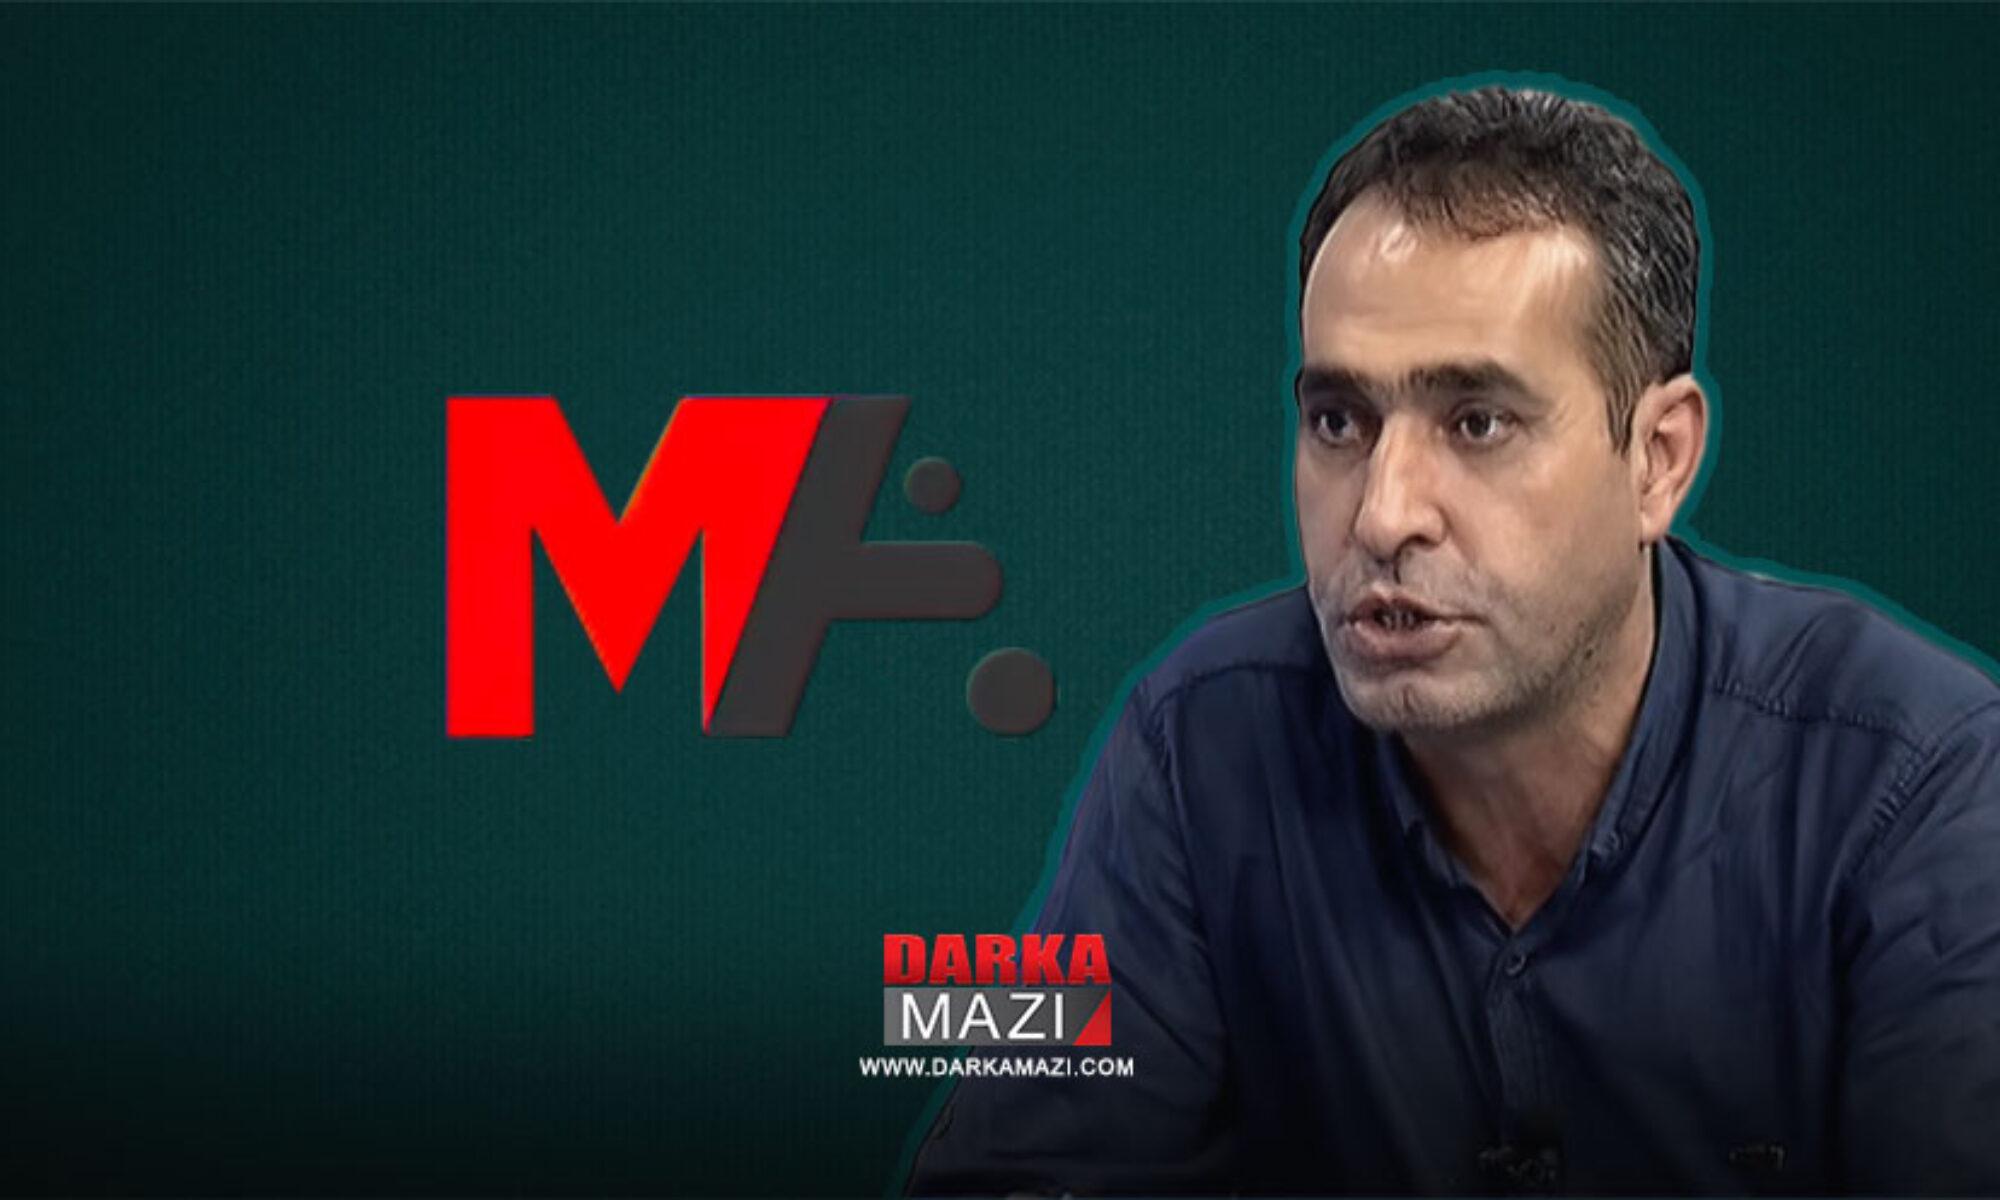 PKK Medyasından yine yalan iftira haber: KDP Afganları ve ÖSO'yu boşaltılan köylere yerleştiriyor Erdoğan Altan, Mezopotamya Haber Ajansı, SMÖ, KDP, Peşmerge,